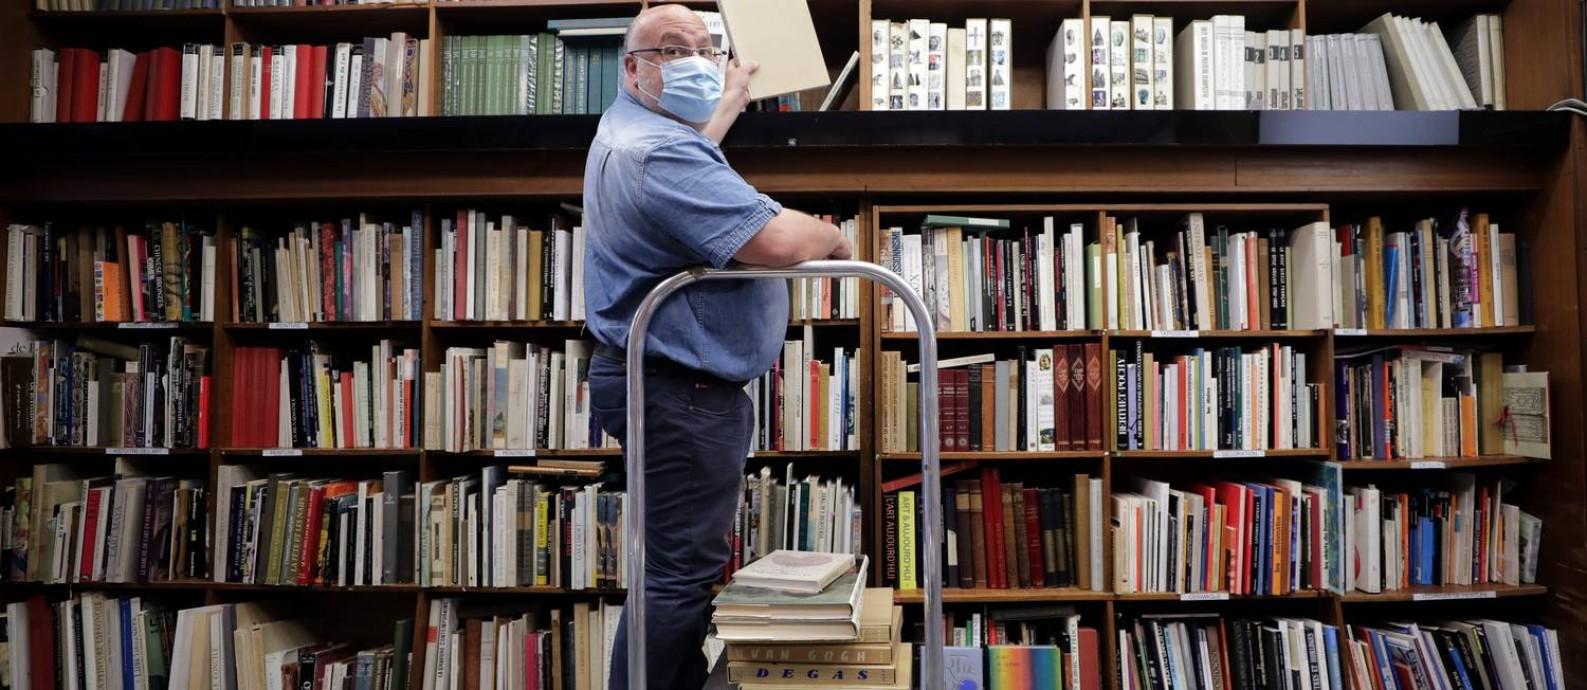 O livreiro Philippe Seyrat usa máscara protetora na livraria La Sorbonne, em Nice, na França, onde o comércio começa a reabrir aos poucos Foto: ERIC GAILLARD / REUTERS